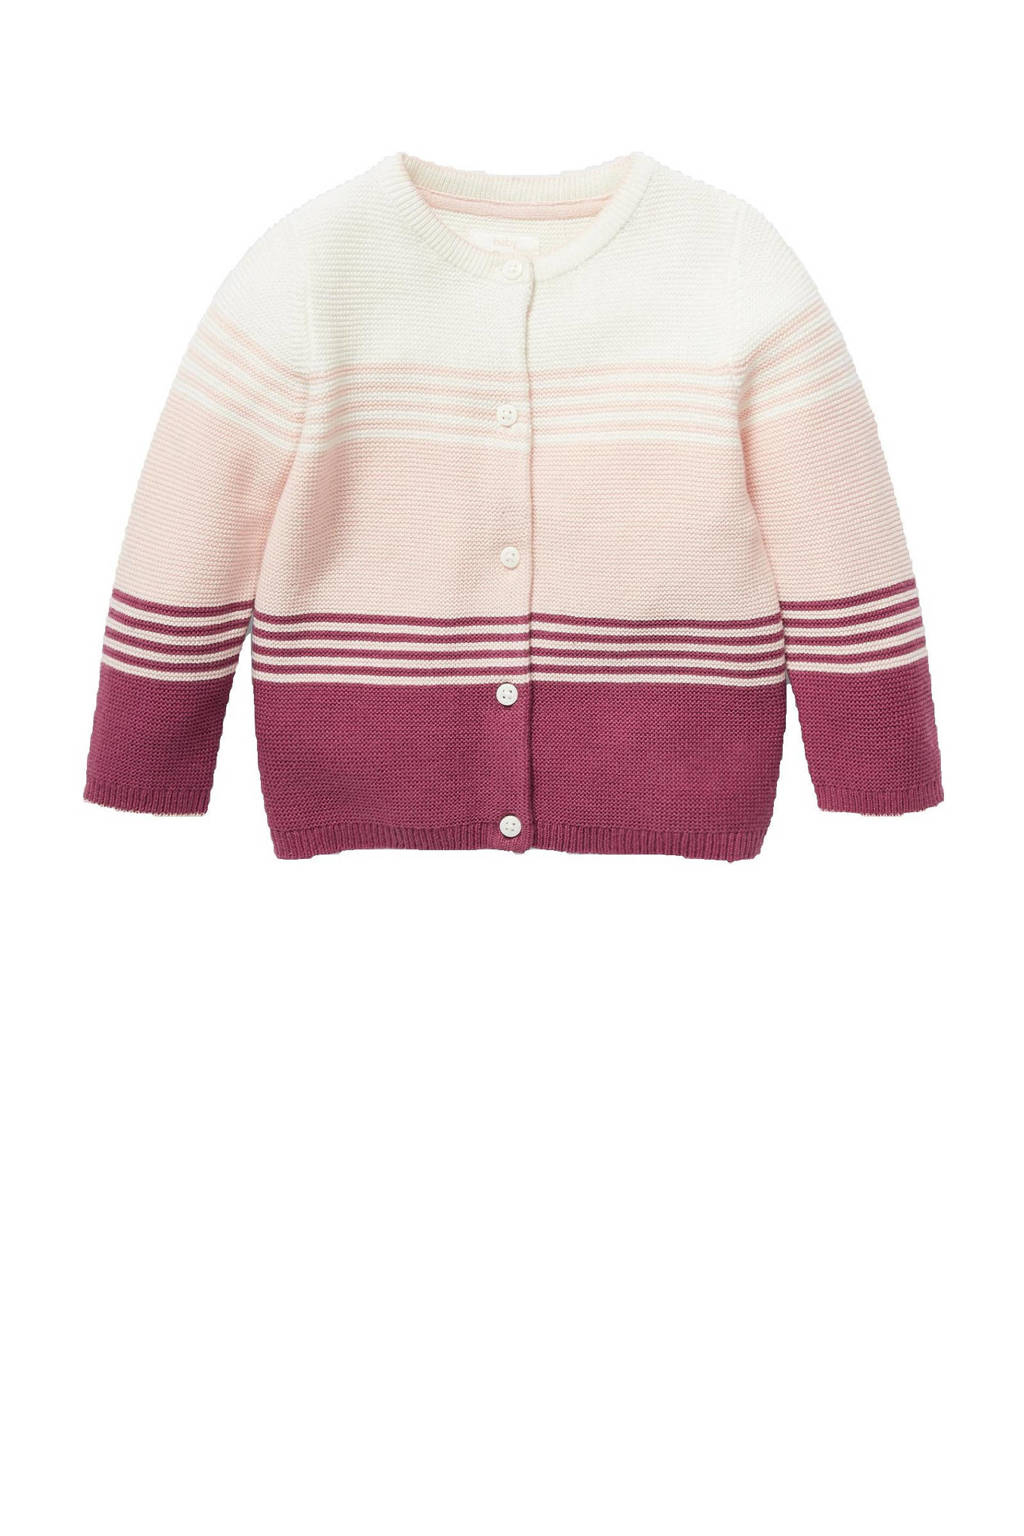 C&A Baby Club vest van biologisch katoen ecru/roze/donkerrood, Ecru/roze/donkerrood